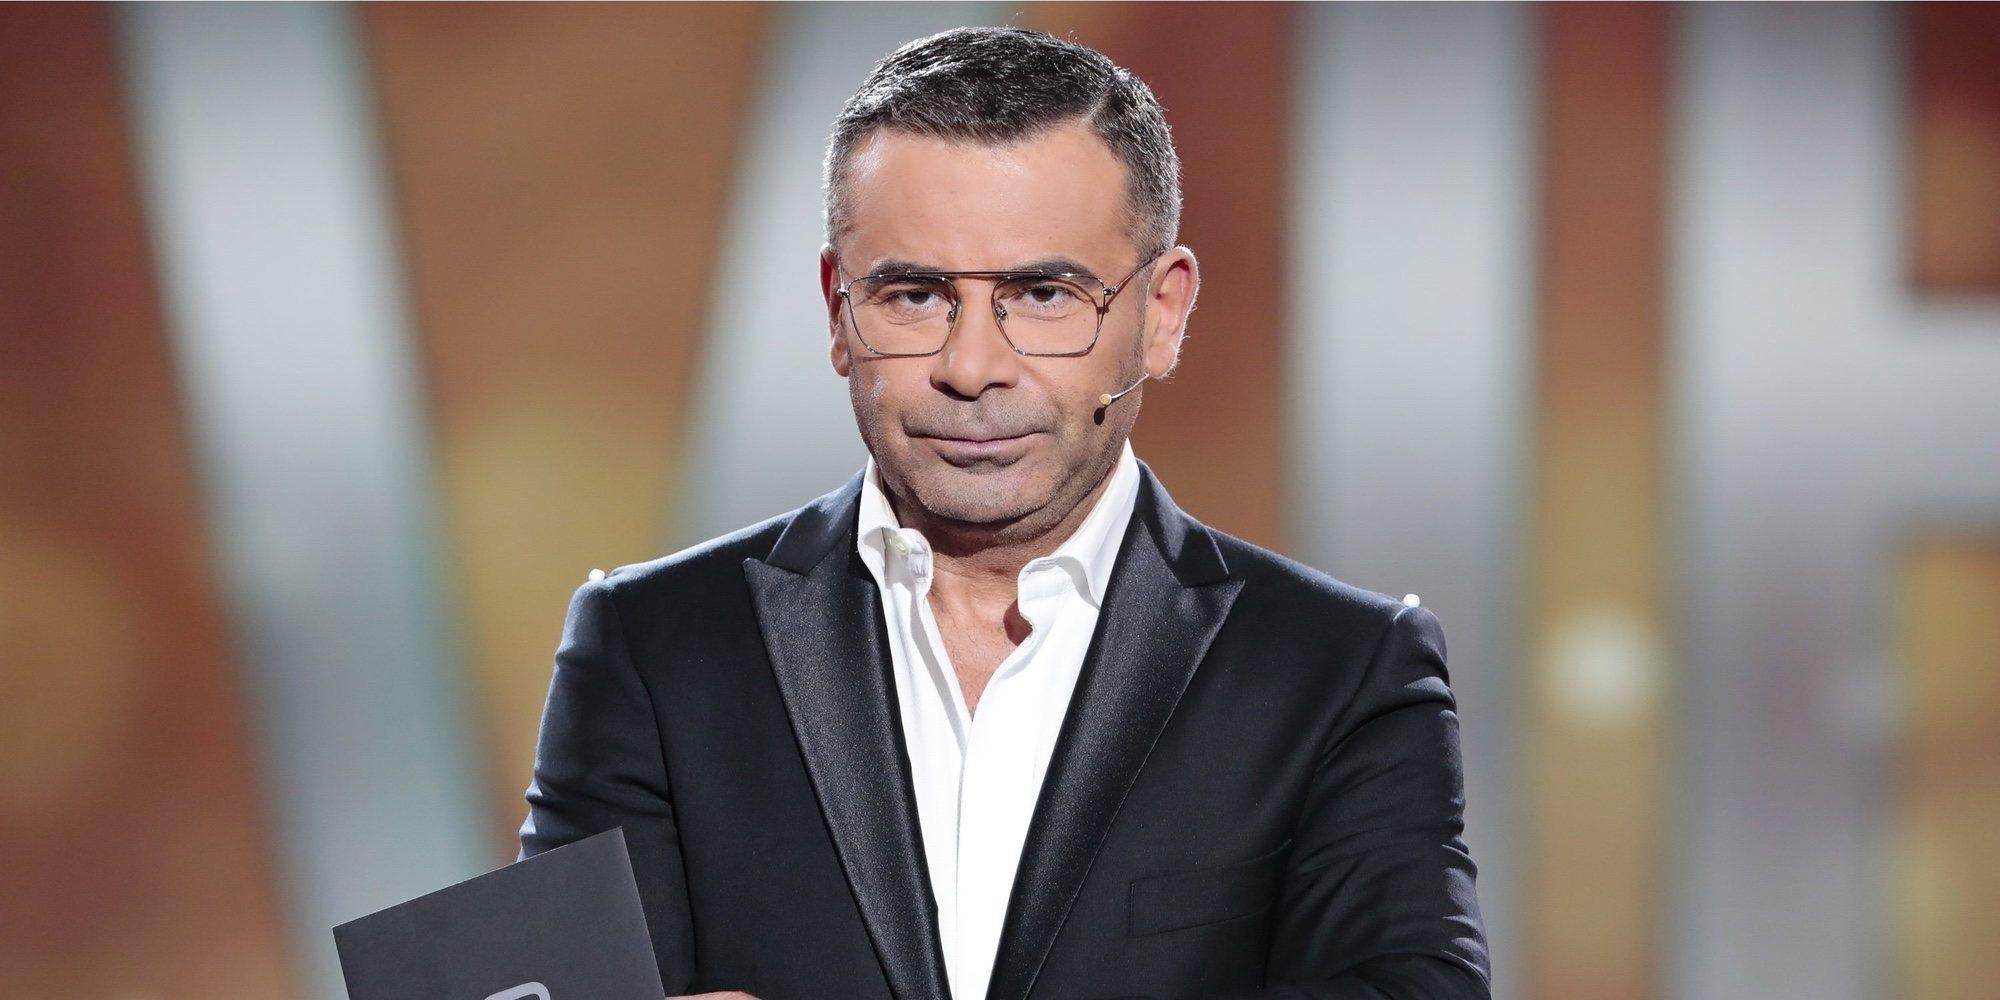 """Jorge Javier habla en 'Sálvame' tras sufrir un ictus: """"Las consecuencias podrían haber sido nefastas"""""""